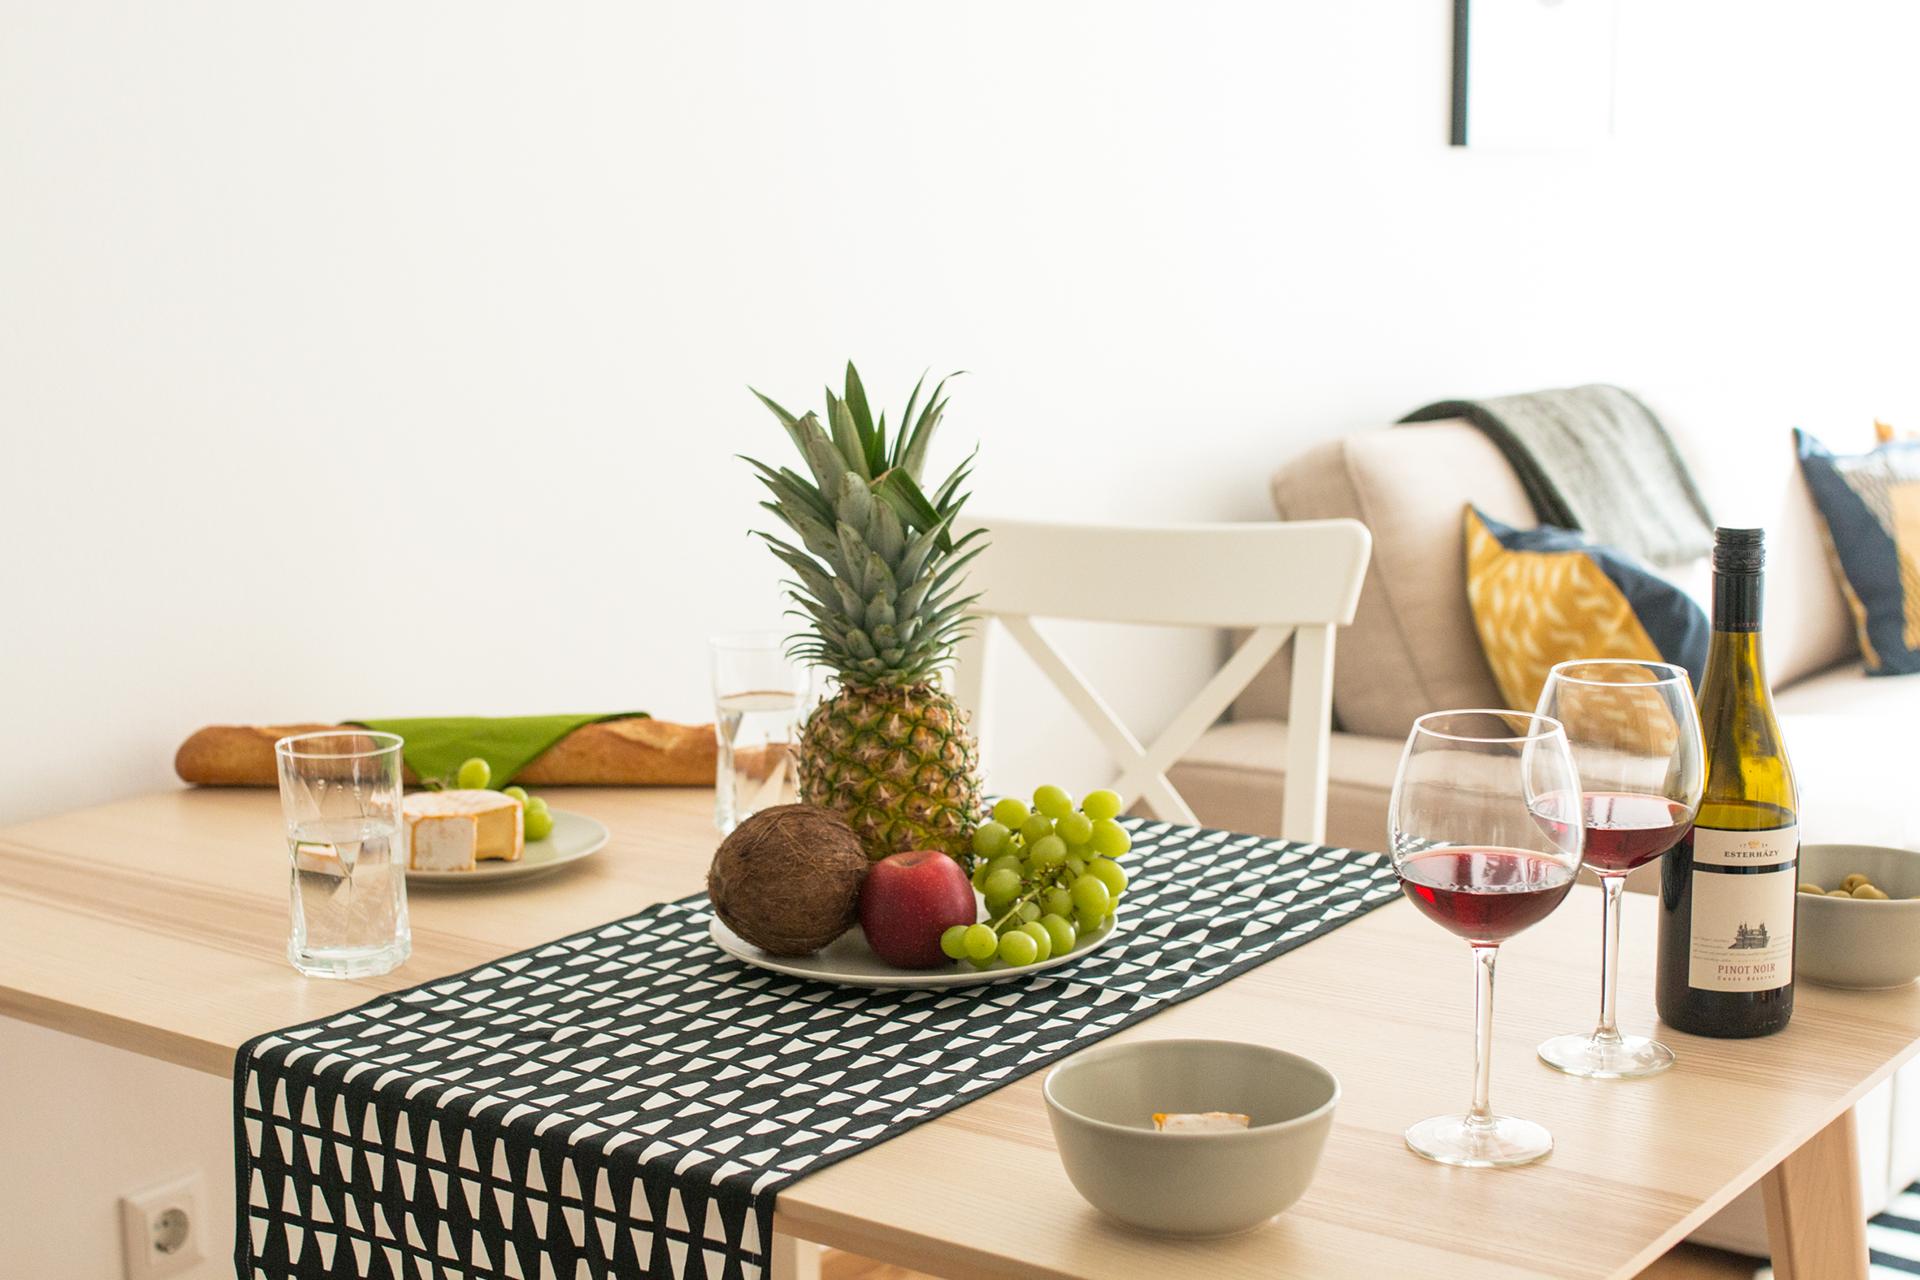 Esstisch, Früchte, Wein